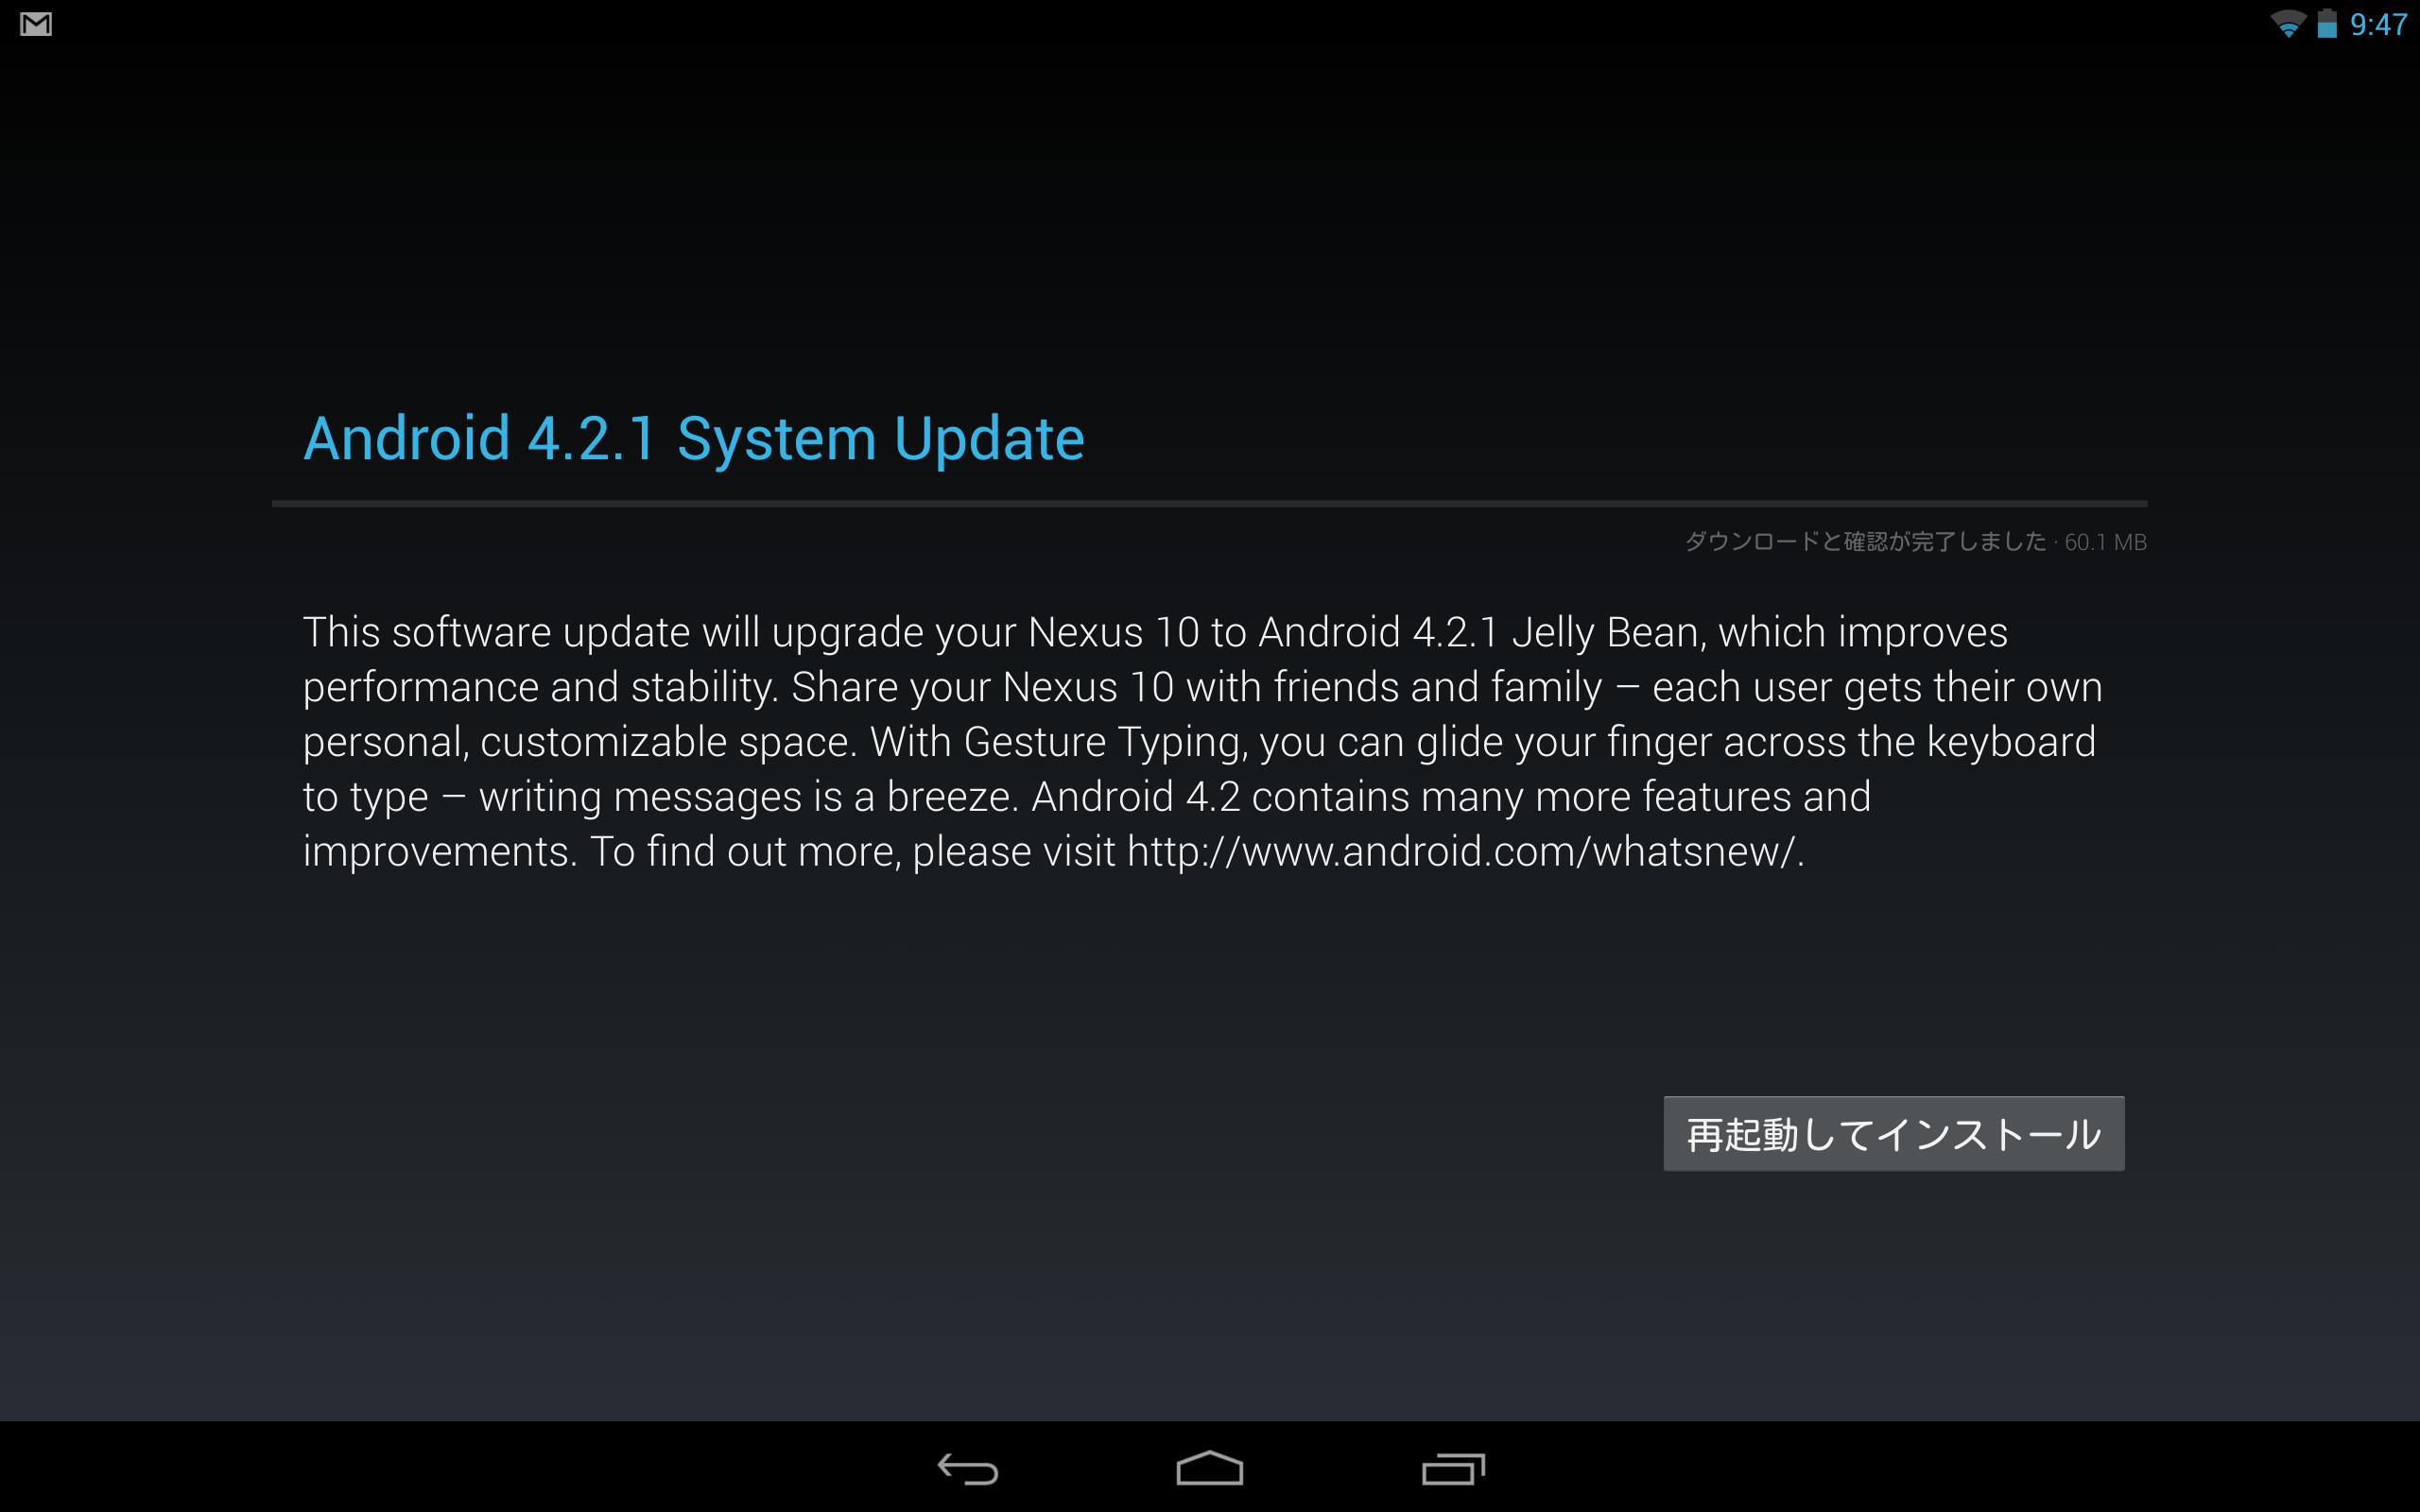 Androidのバージョンは4.2.1